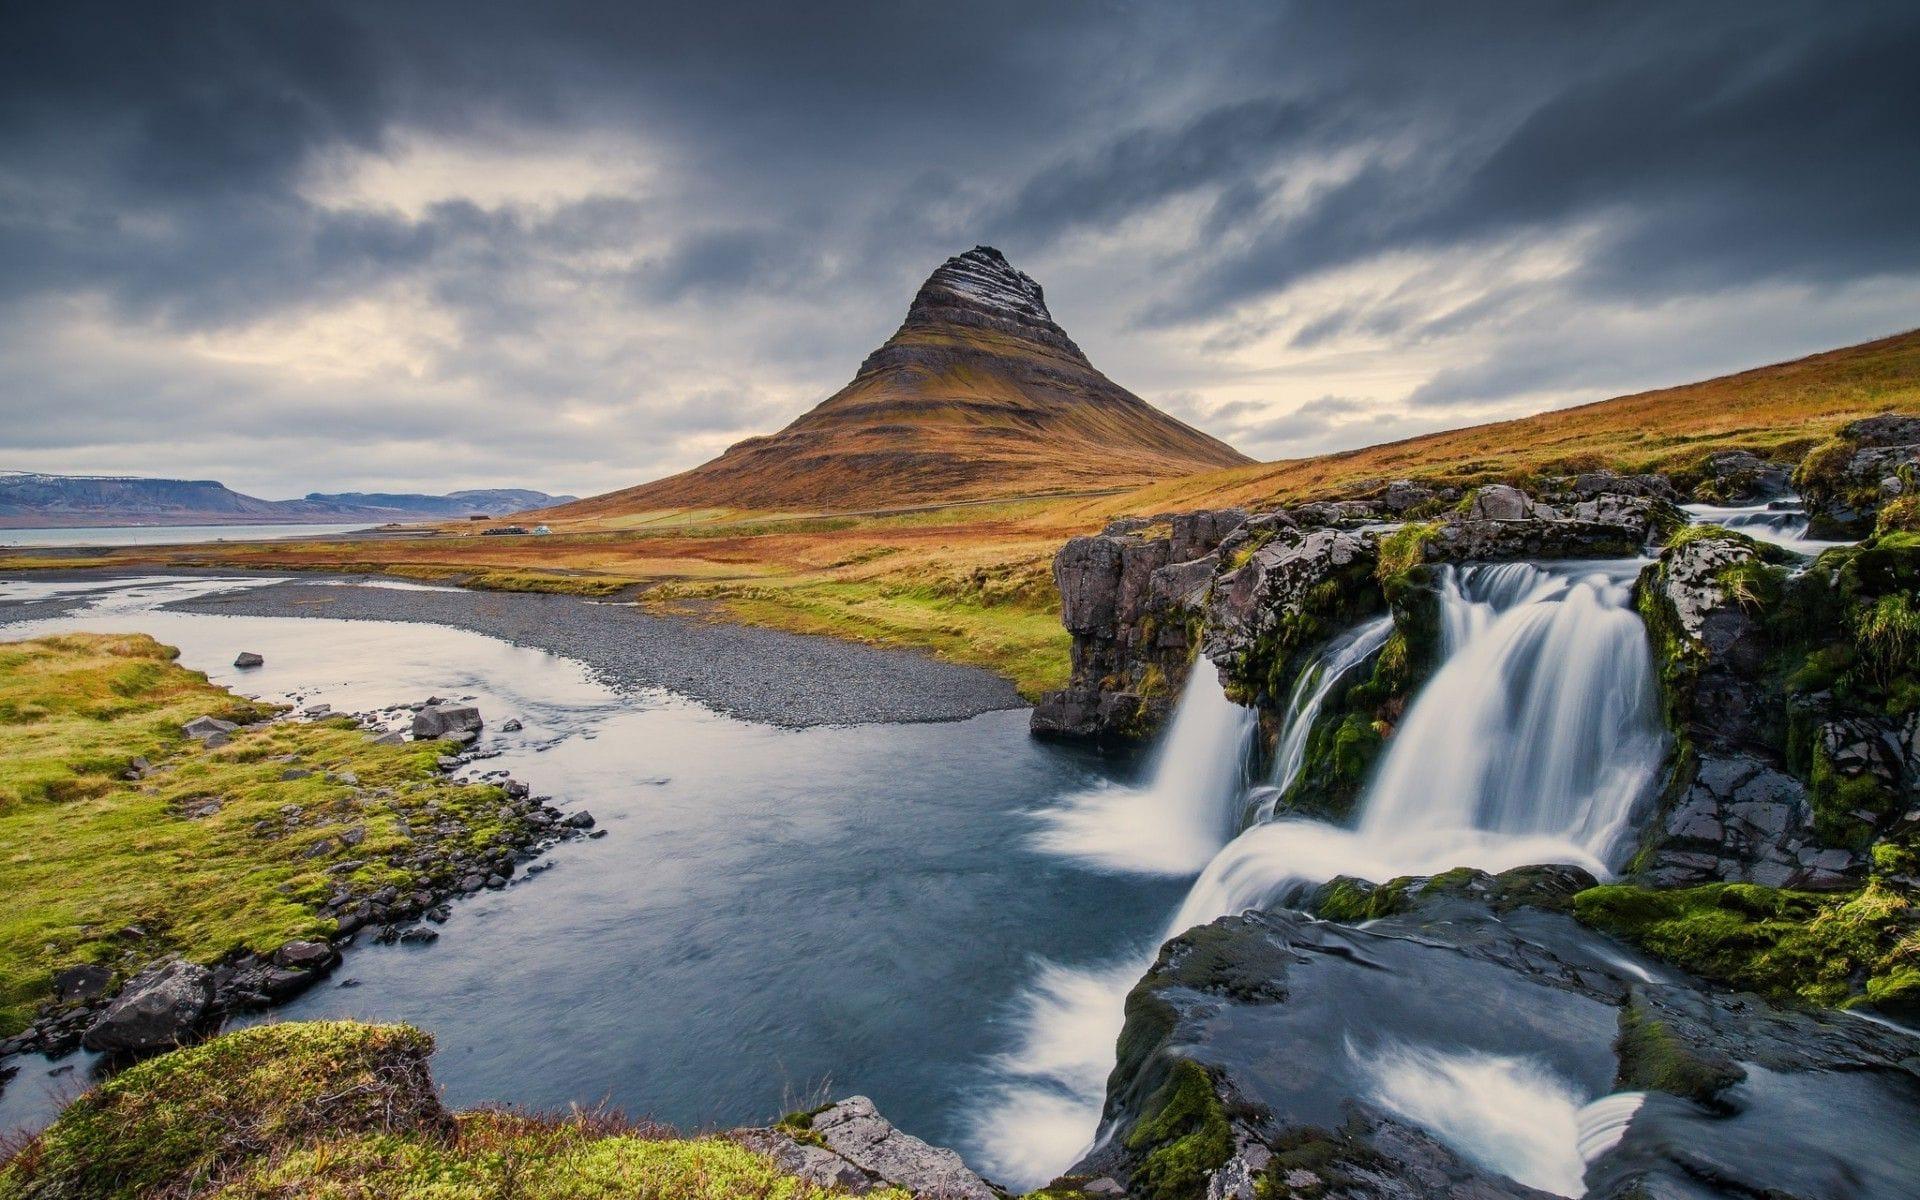 фото исландии в высоком качестве тату голова